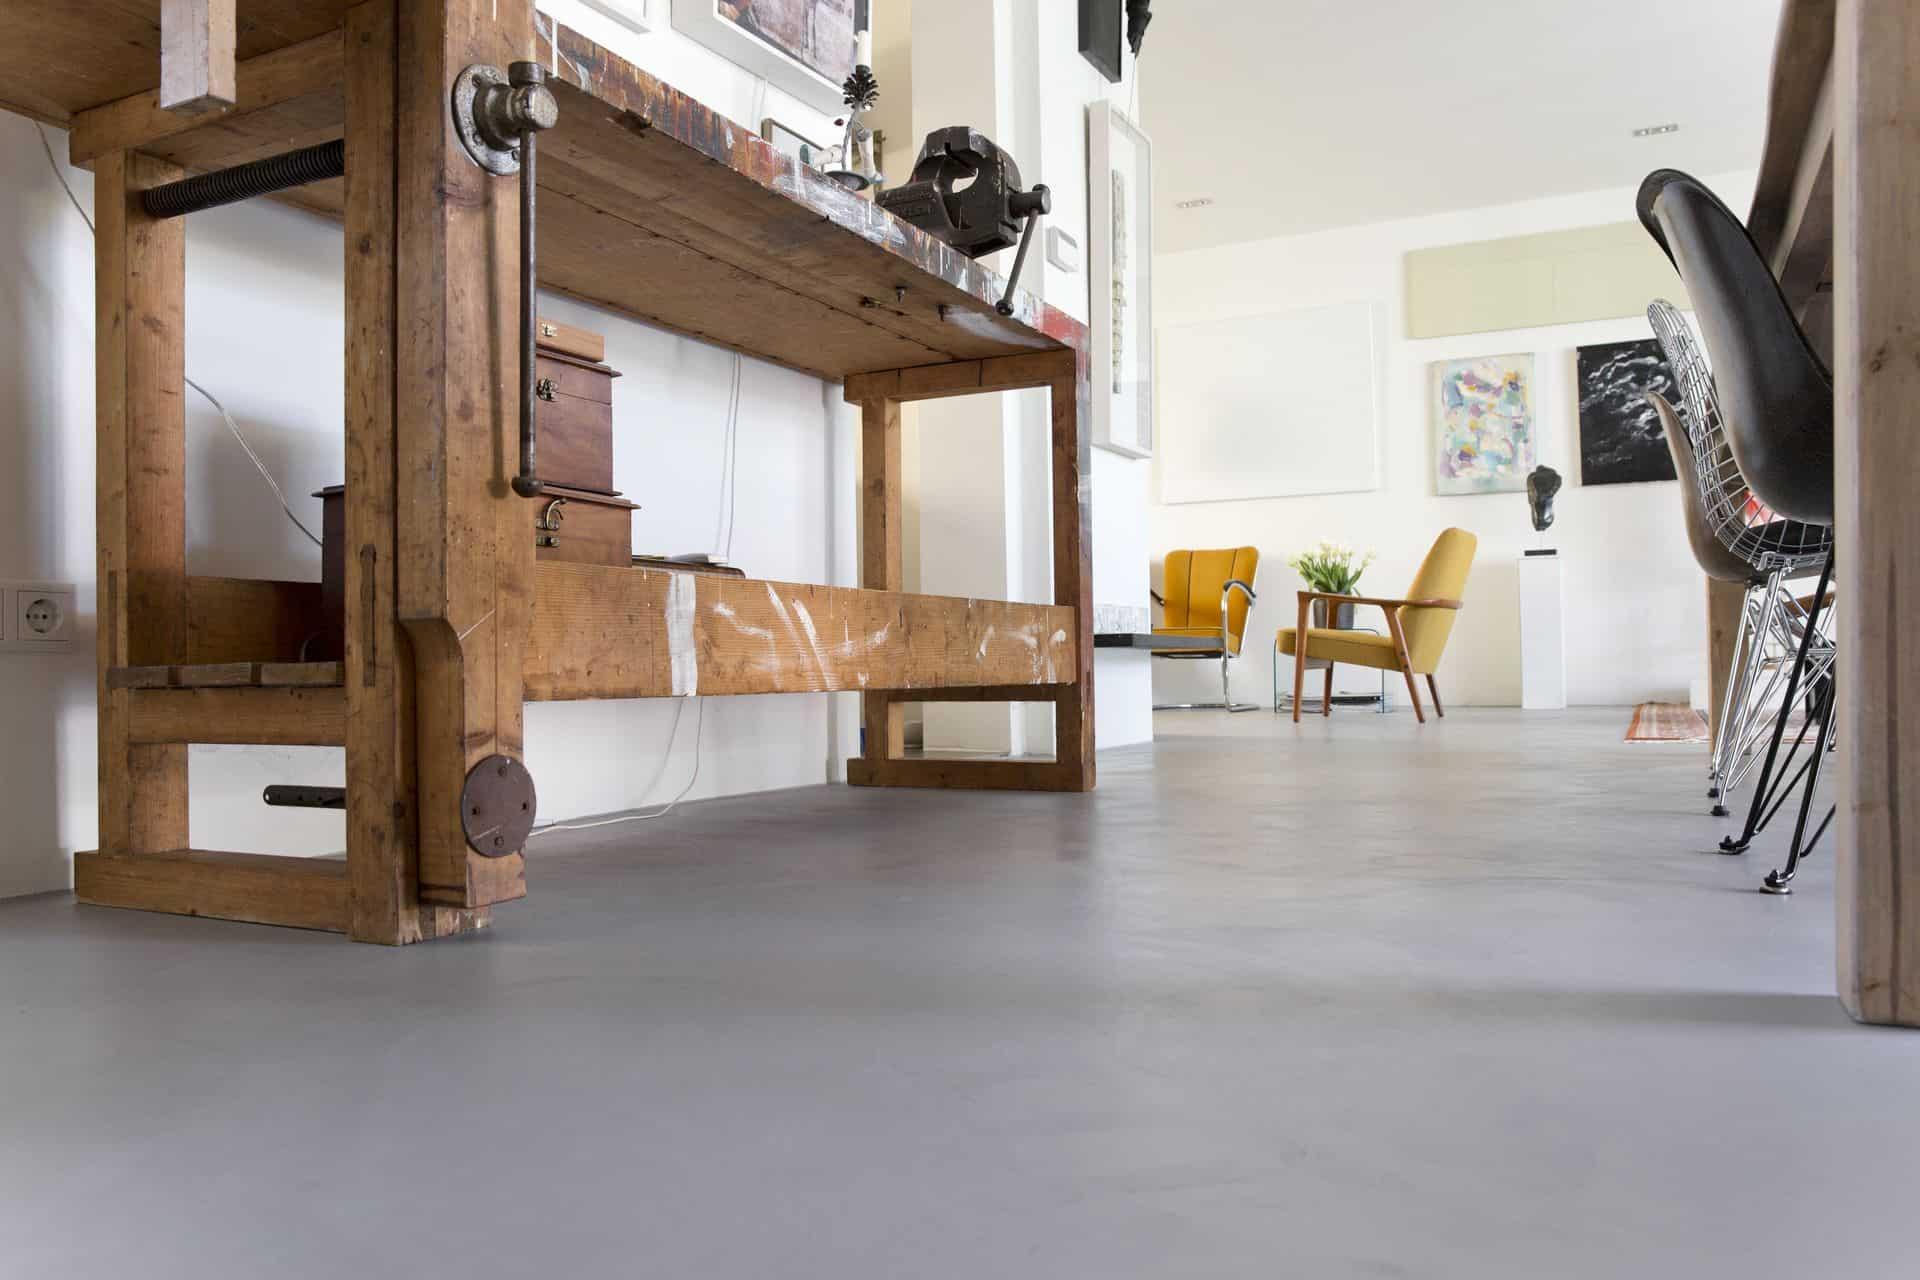 beton ciré prijzen, Beton Cire vloer, betonlook vloer